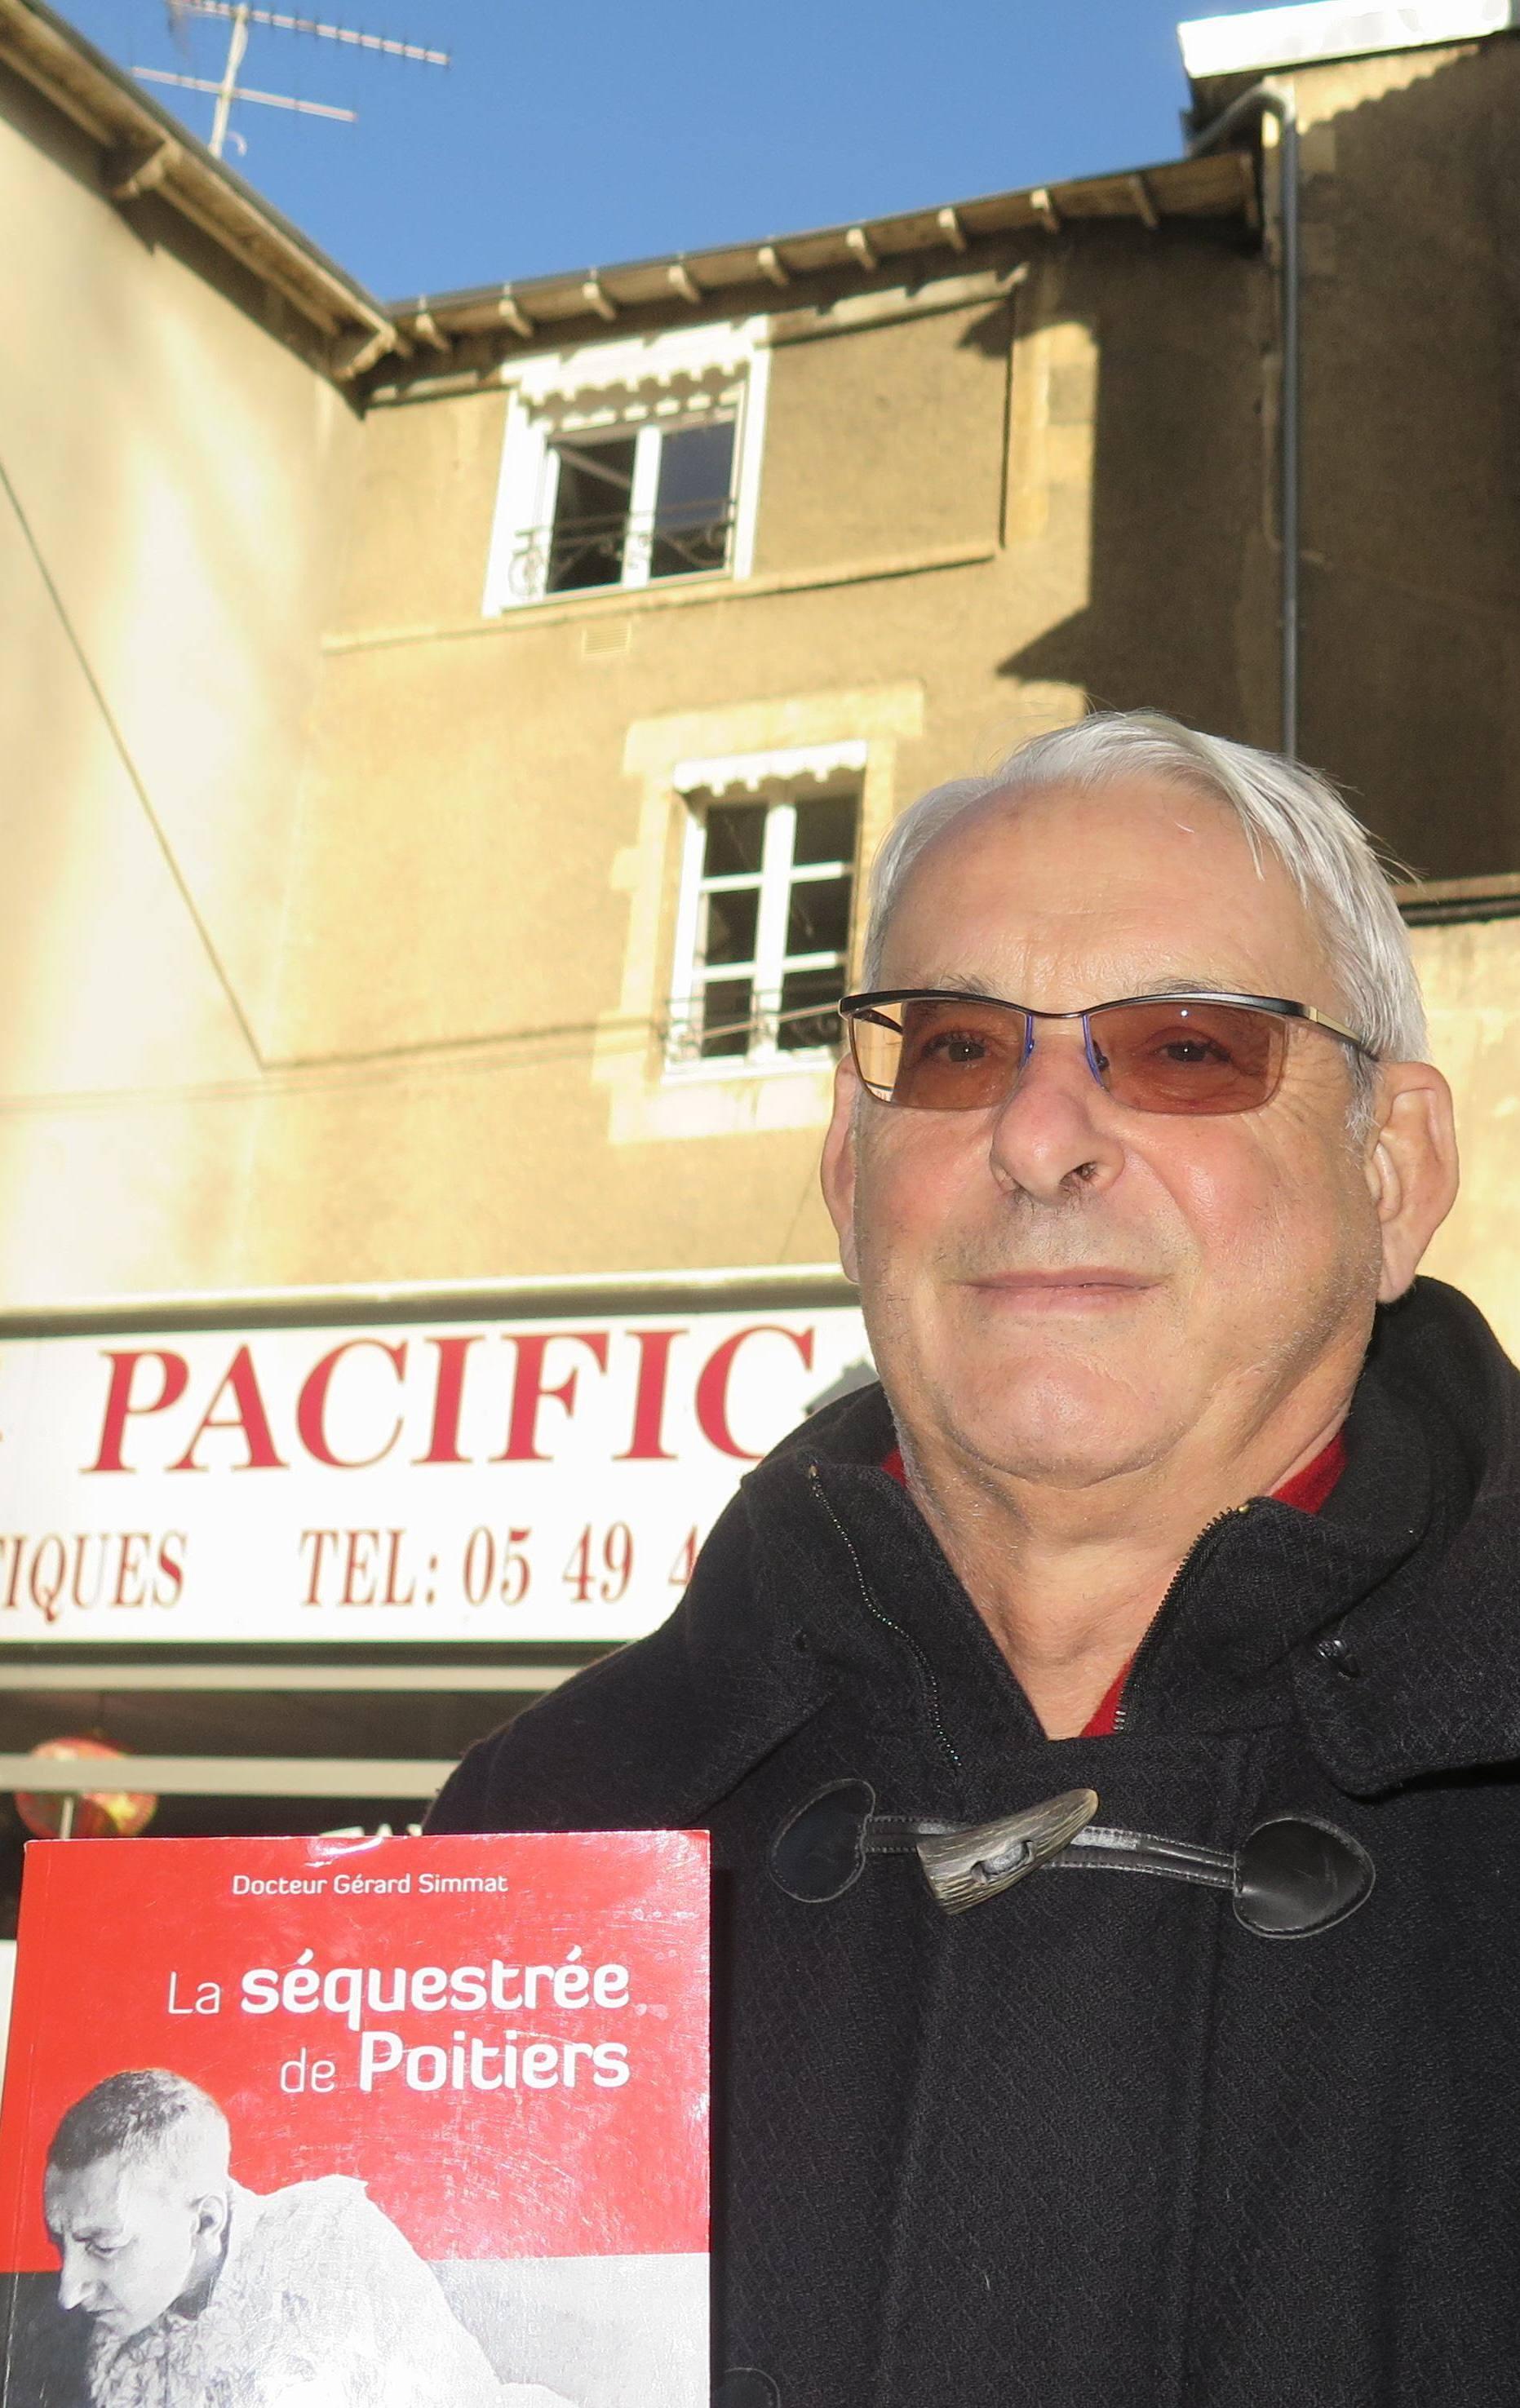 Faits Divers Poitiers Aujourd Hui : faits, divers, poitiers, aujourd, Nouveau, Regard, Séquestrée, Poitiers